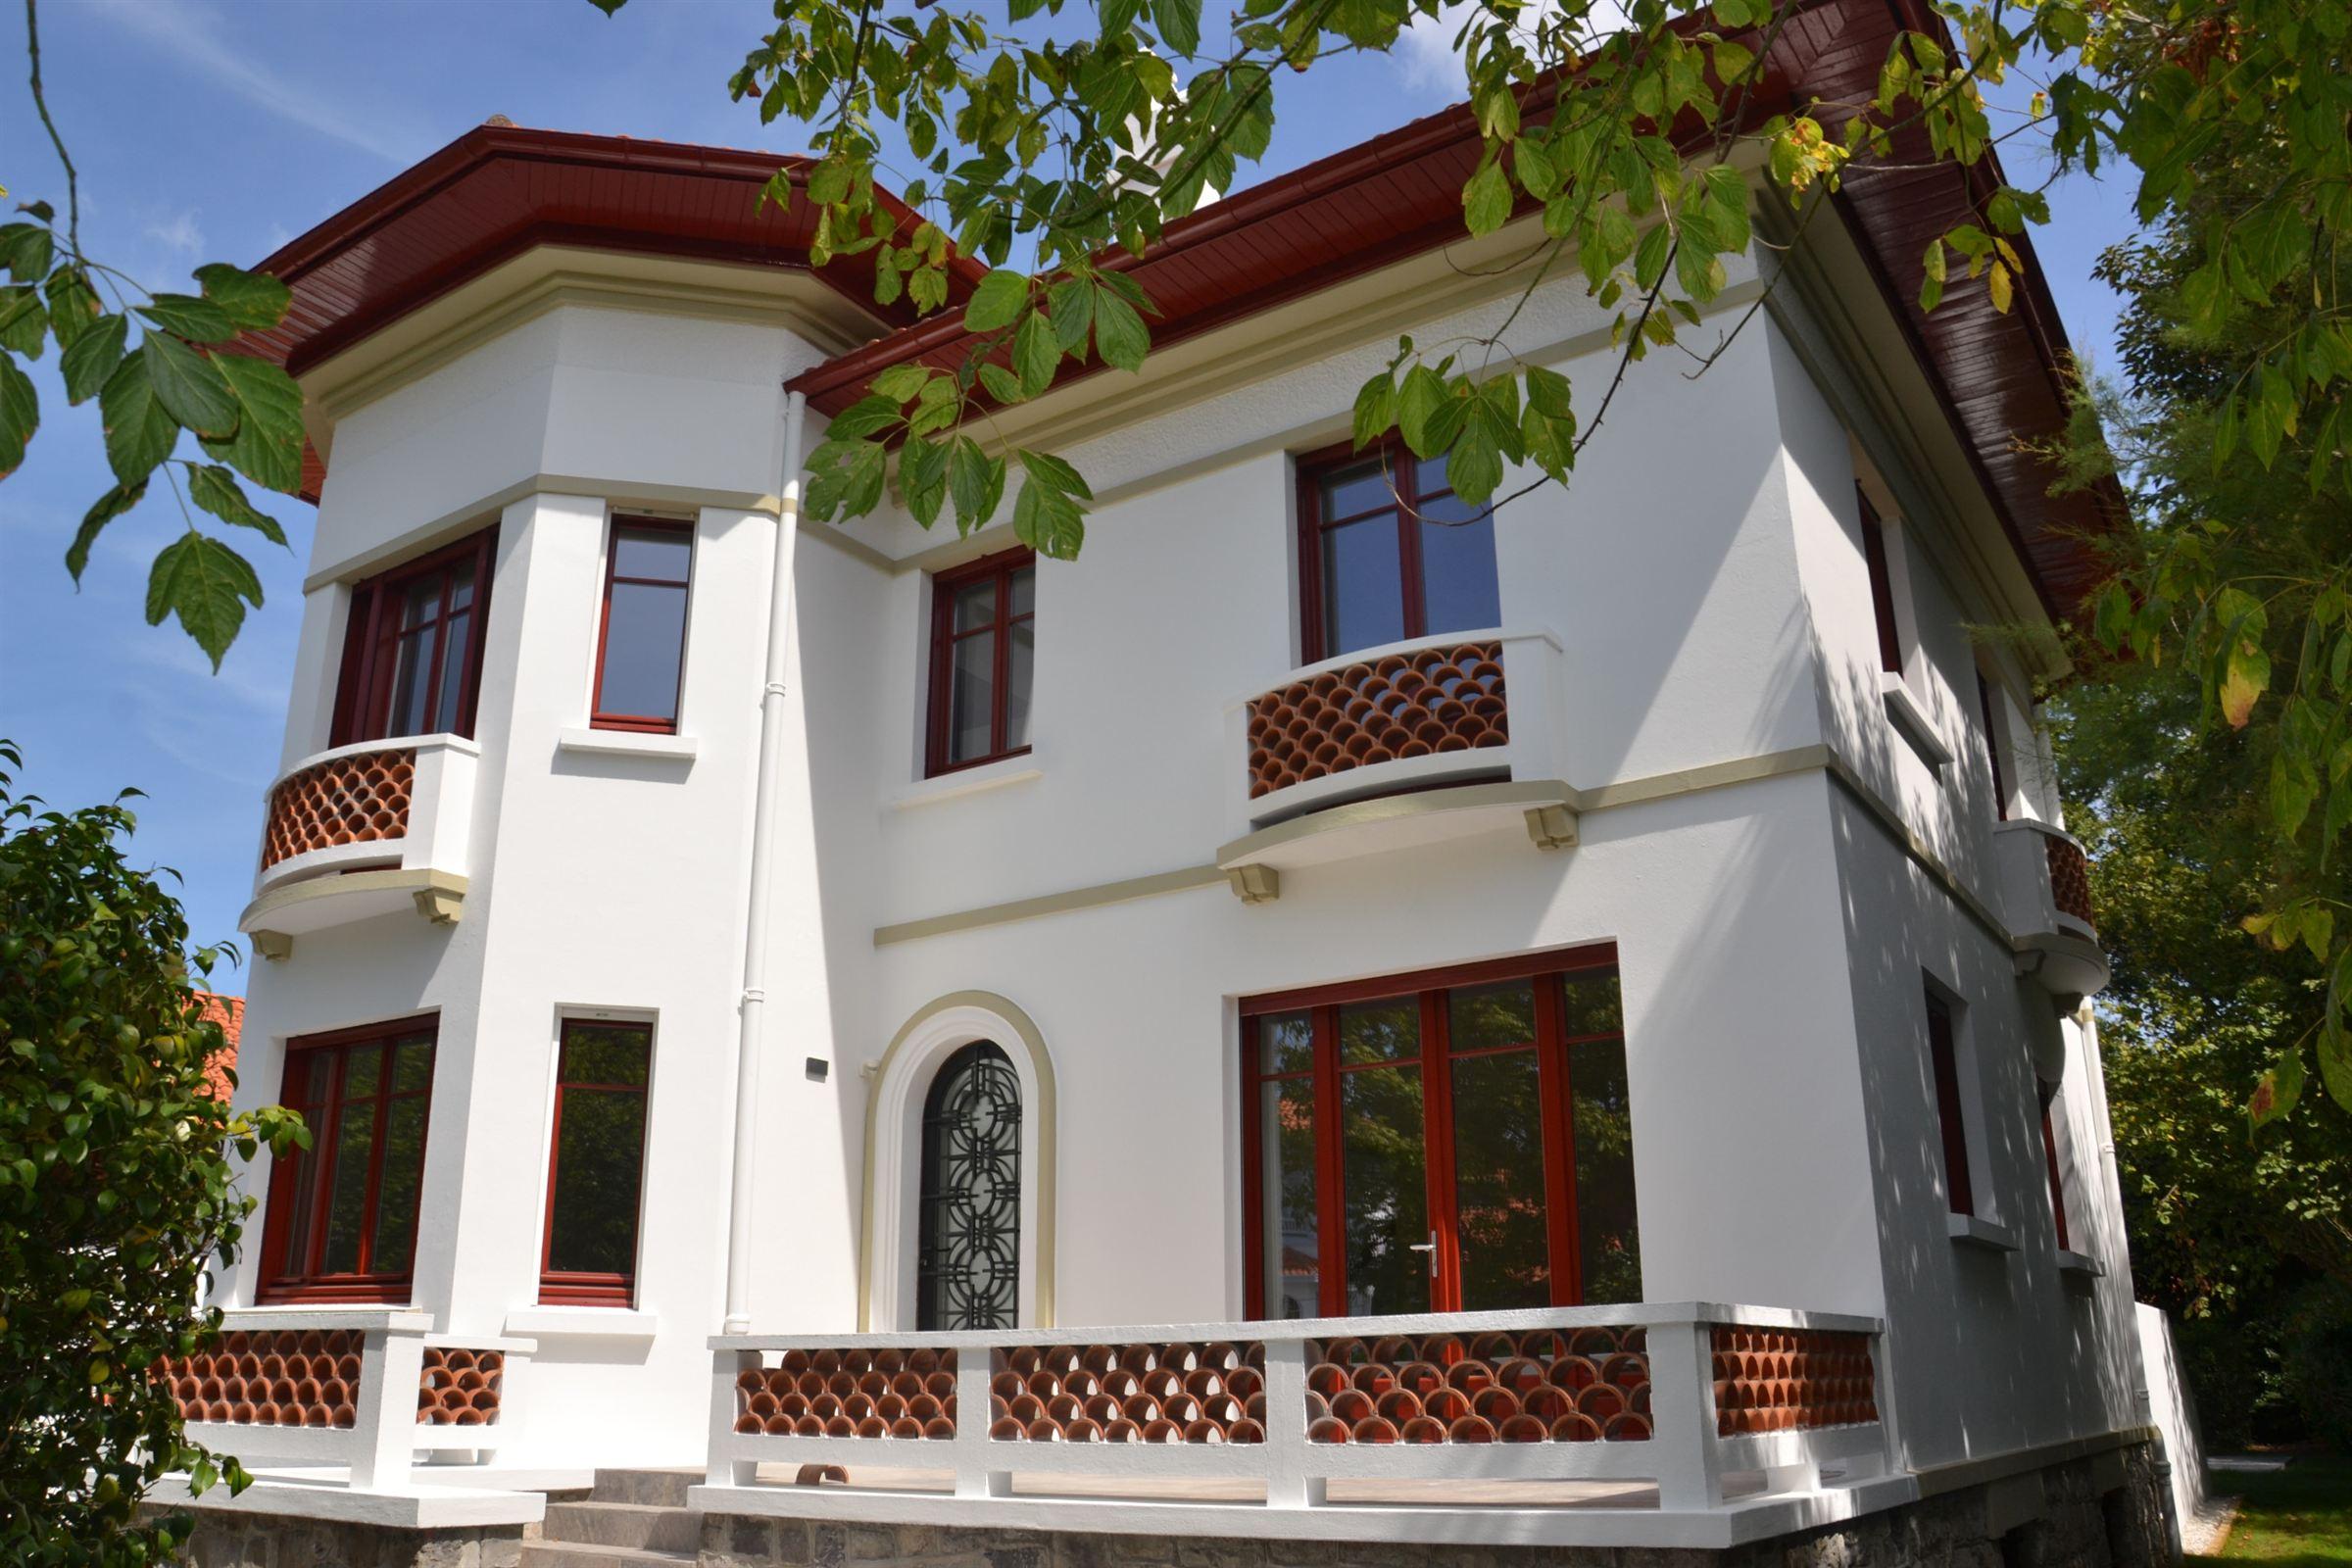 Maison unifamiliale pour l Vente à BIARRITZ LE COEUR DU PARC D'HIVER Biarritz, Aquitaine, 64200 France